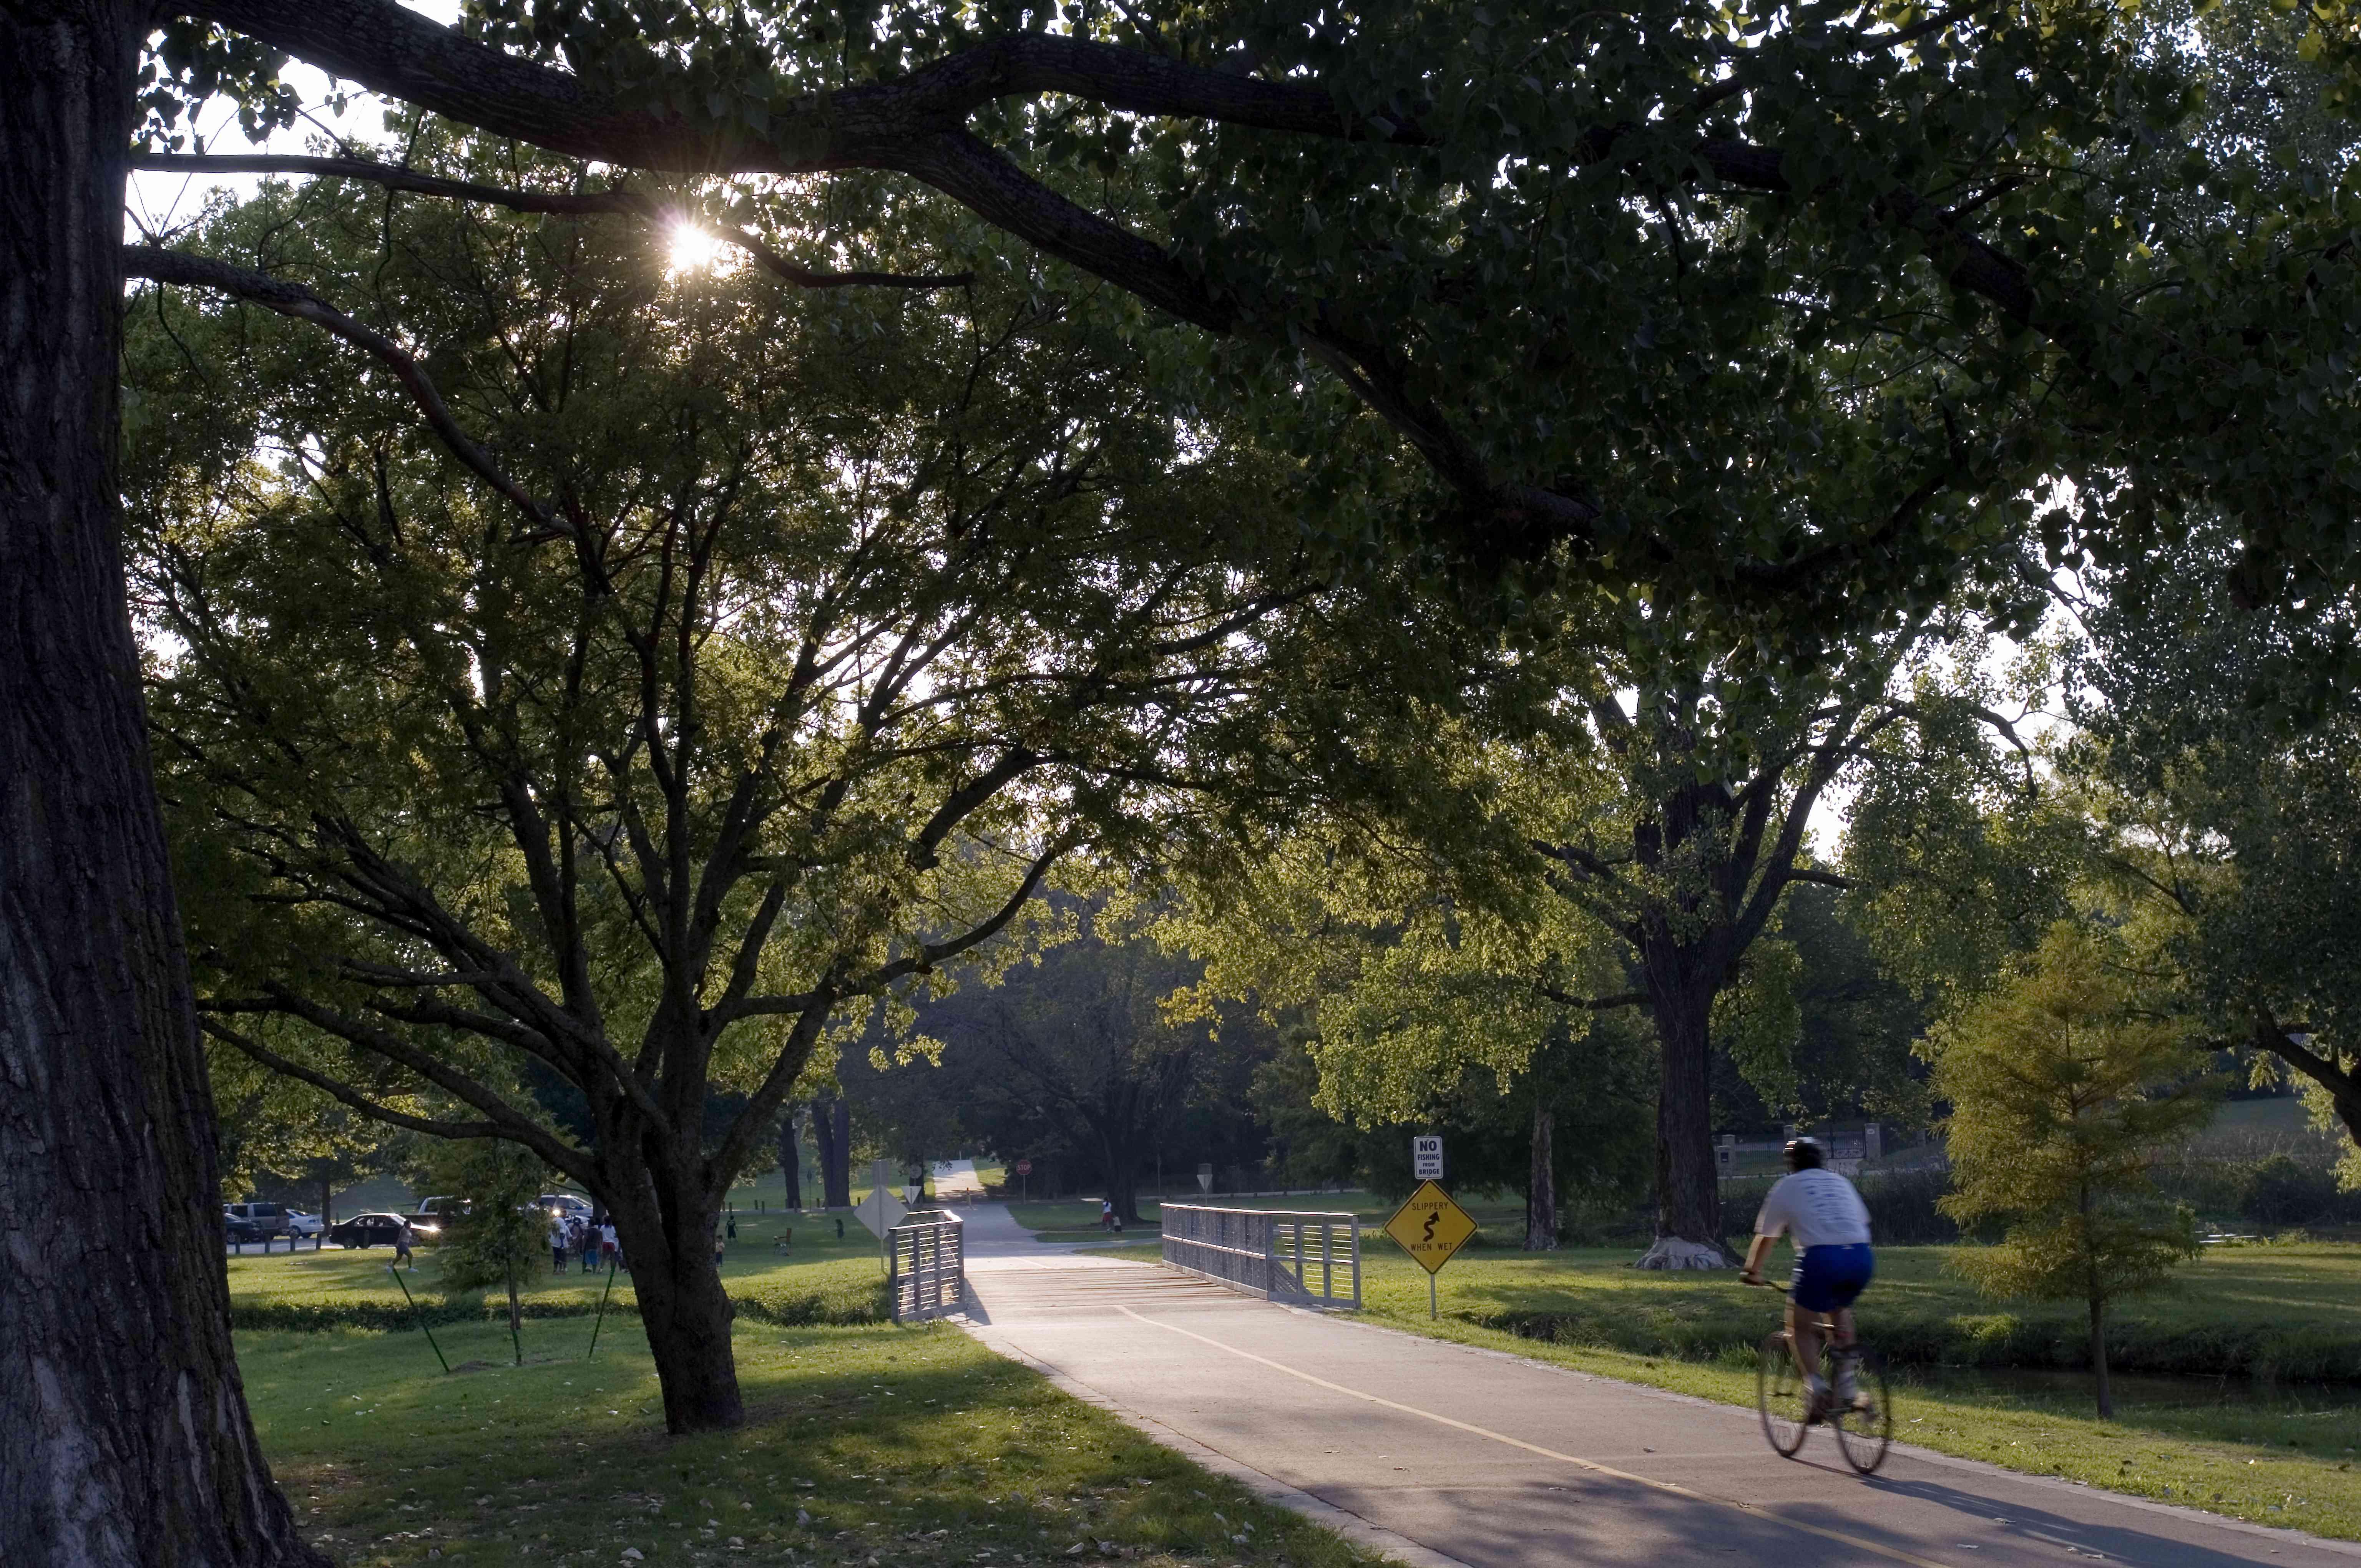 Biker riding on a path through White Rock lake park